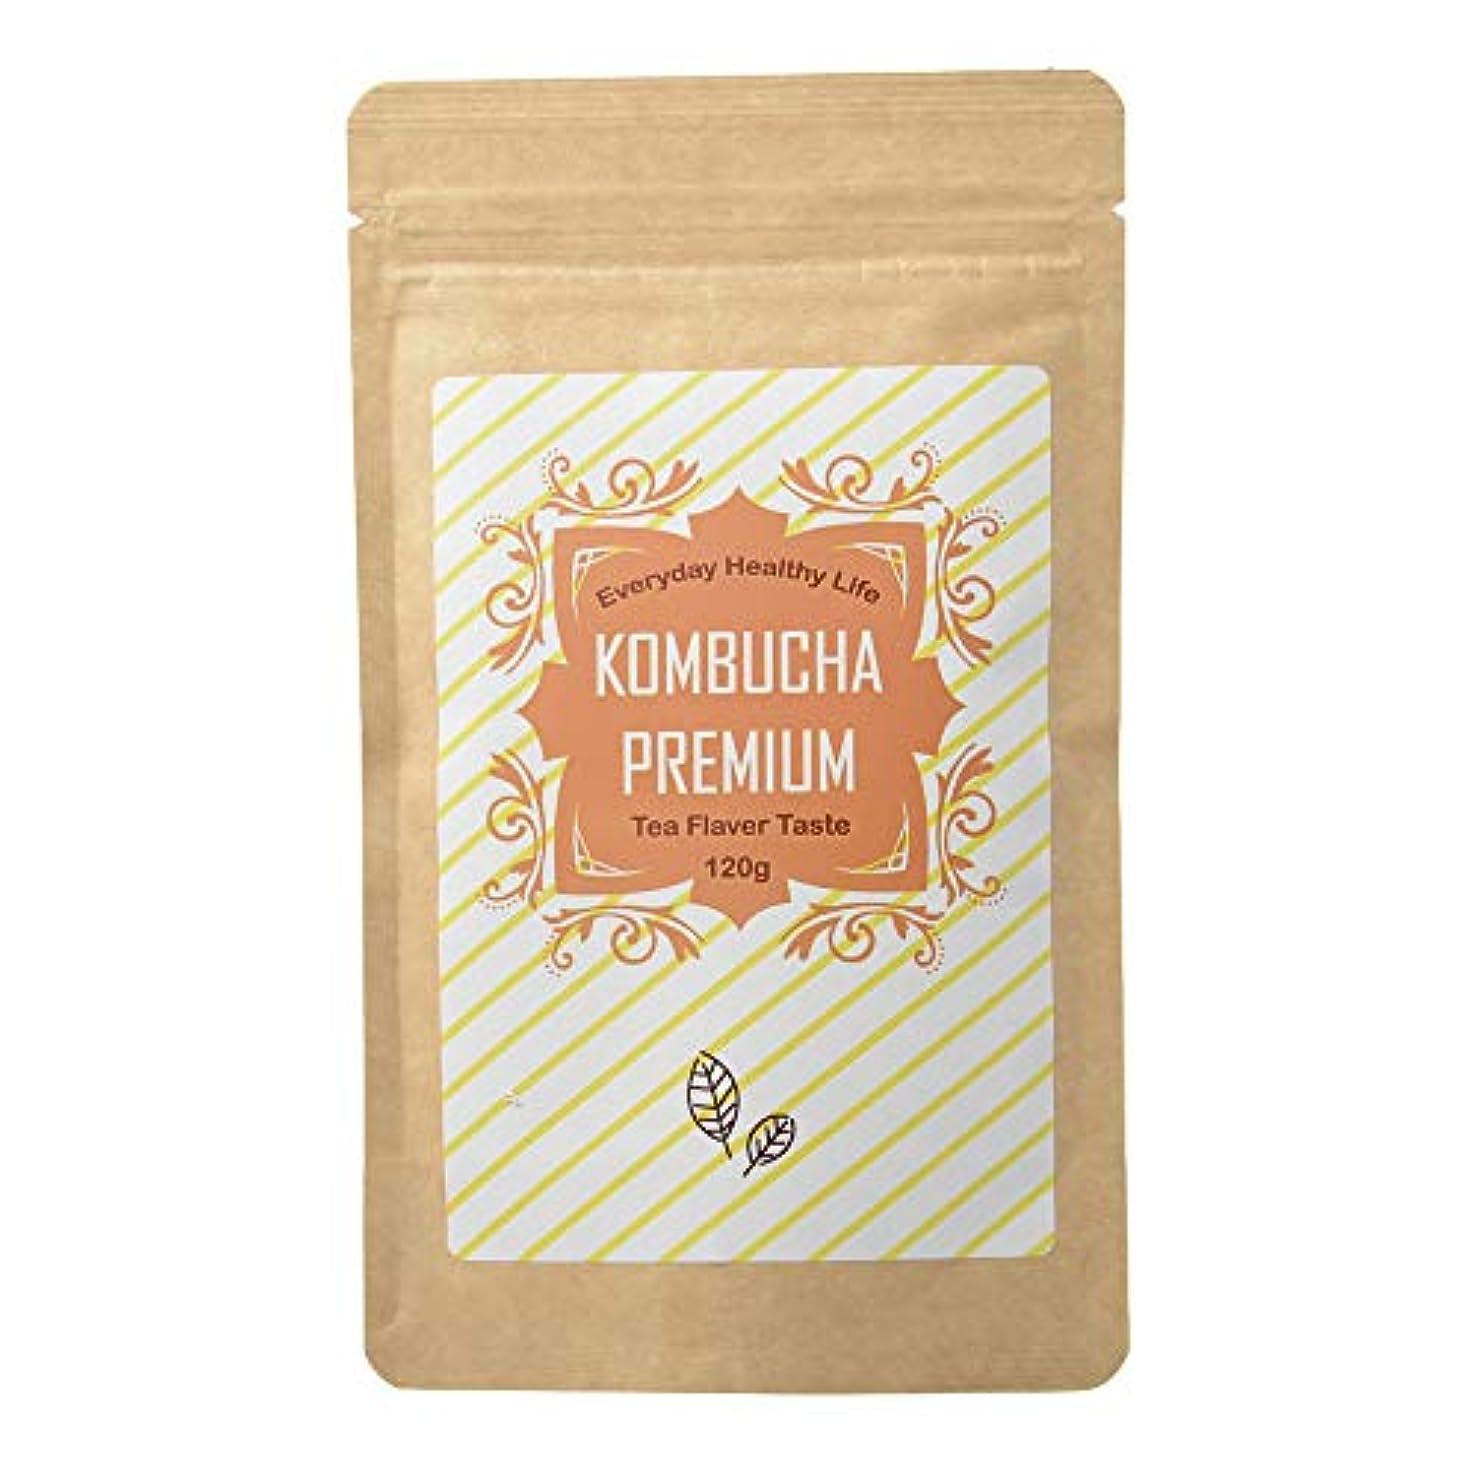 メイト火山学者フリンジコンブチャプレミアム (KOMBUCHA PREMIUM) ストレートティー味 日本製 粉末 飲料 [内容量120g /説明書付き]